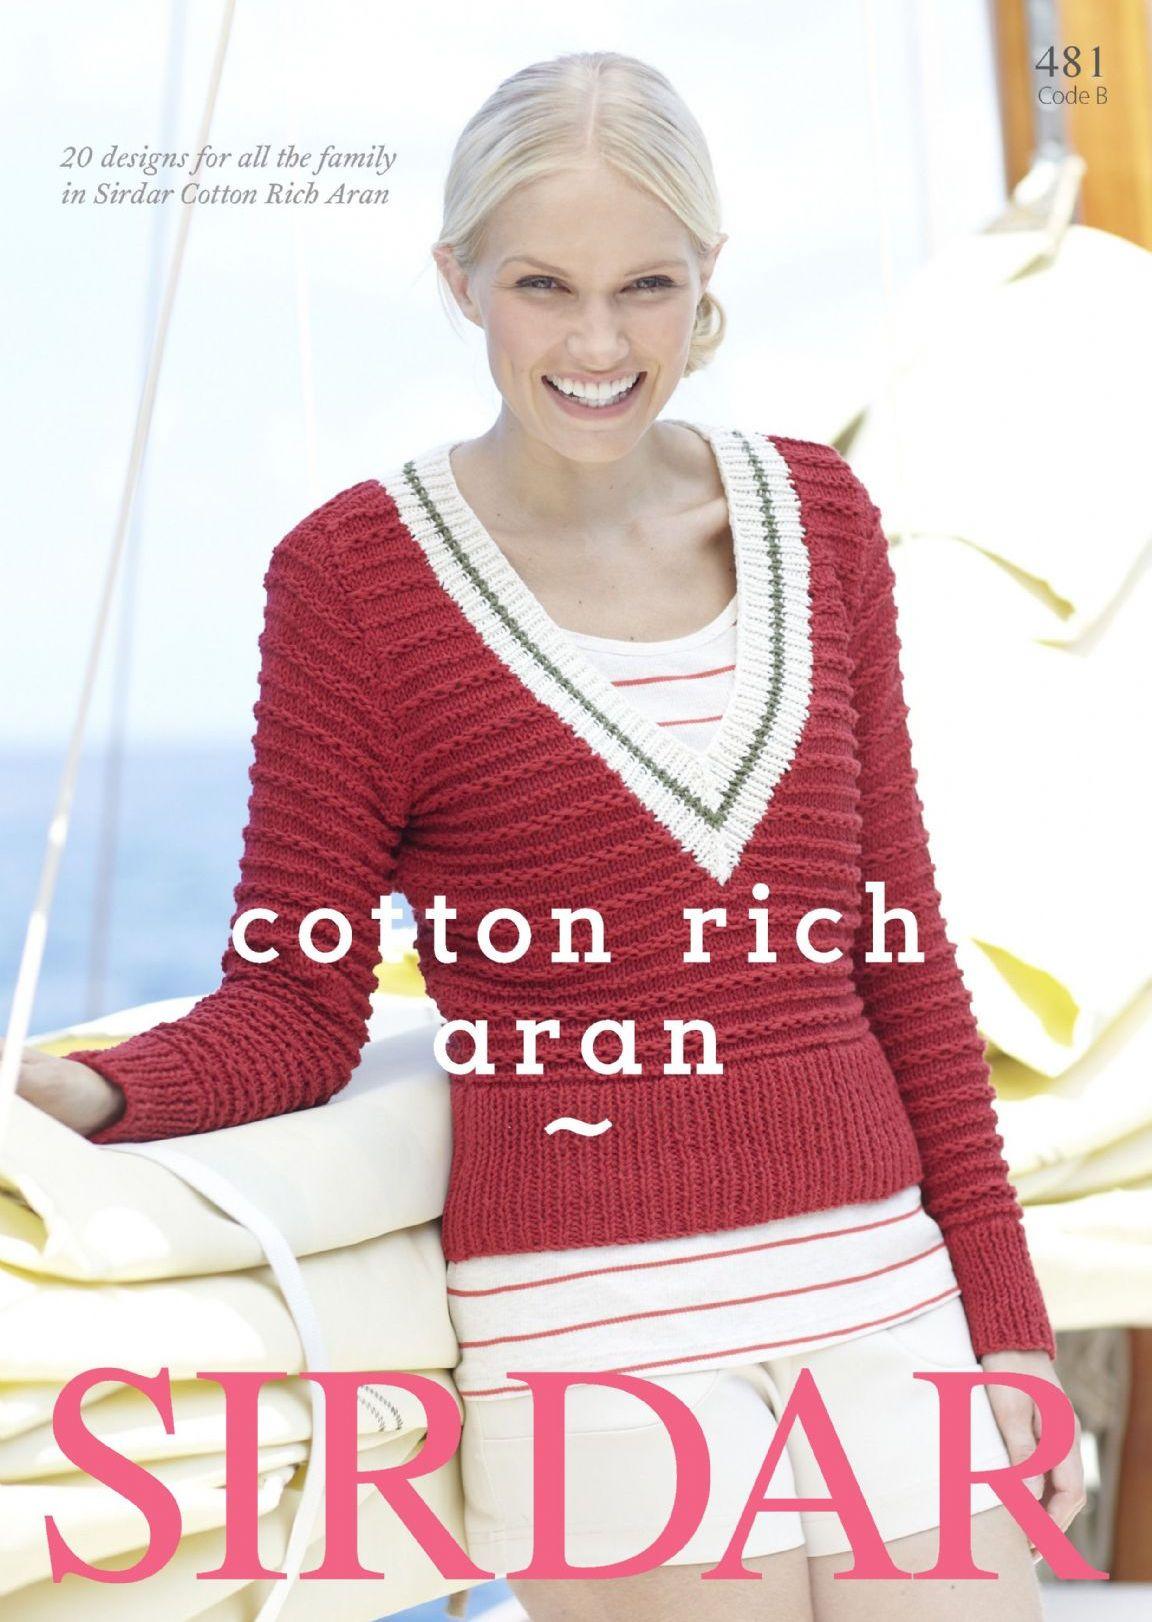 Aran Afghan Knitting Patterns Free : 481 - SIRDAR COTTON RICH ARAN KNITTING PATTERN BOOKLET FOR ALL THE FAMILY